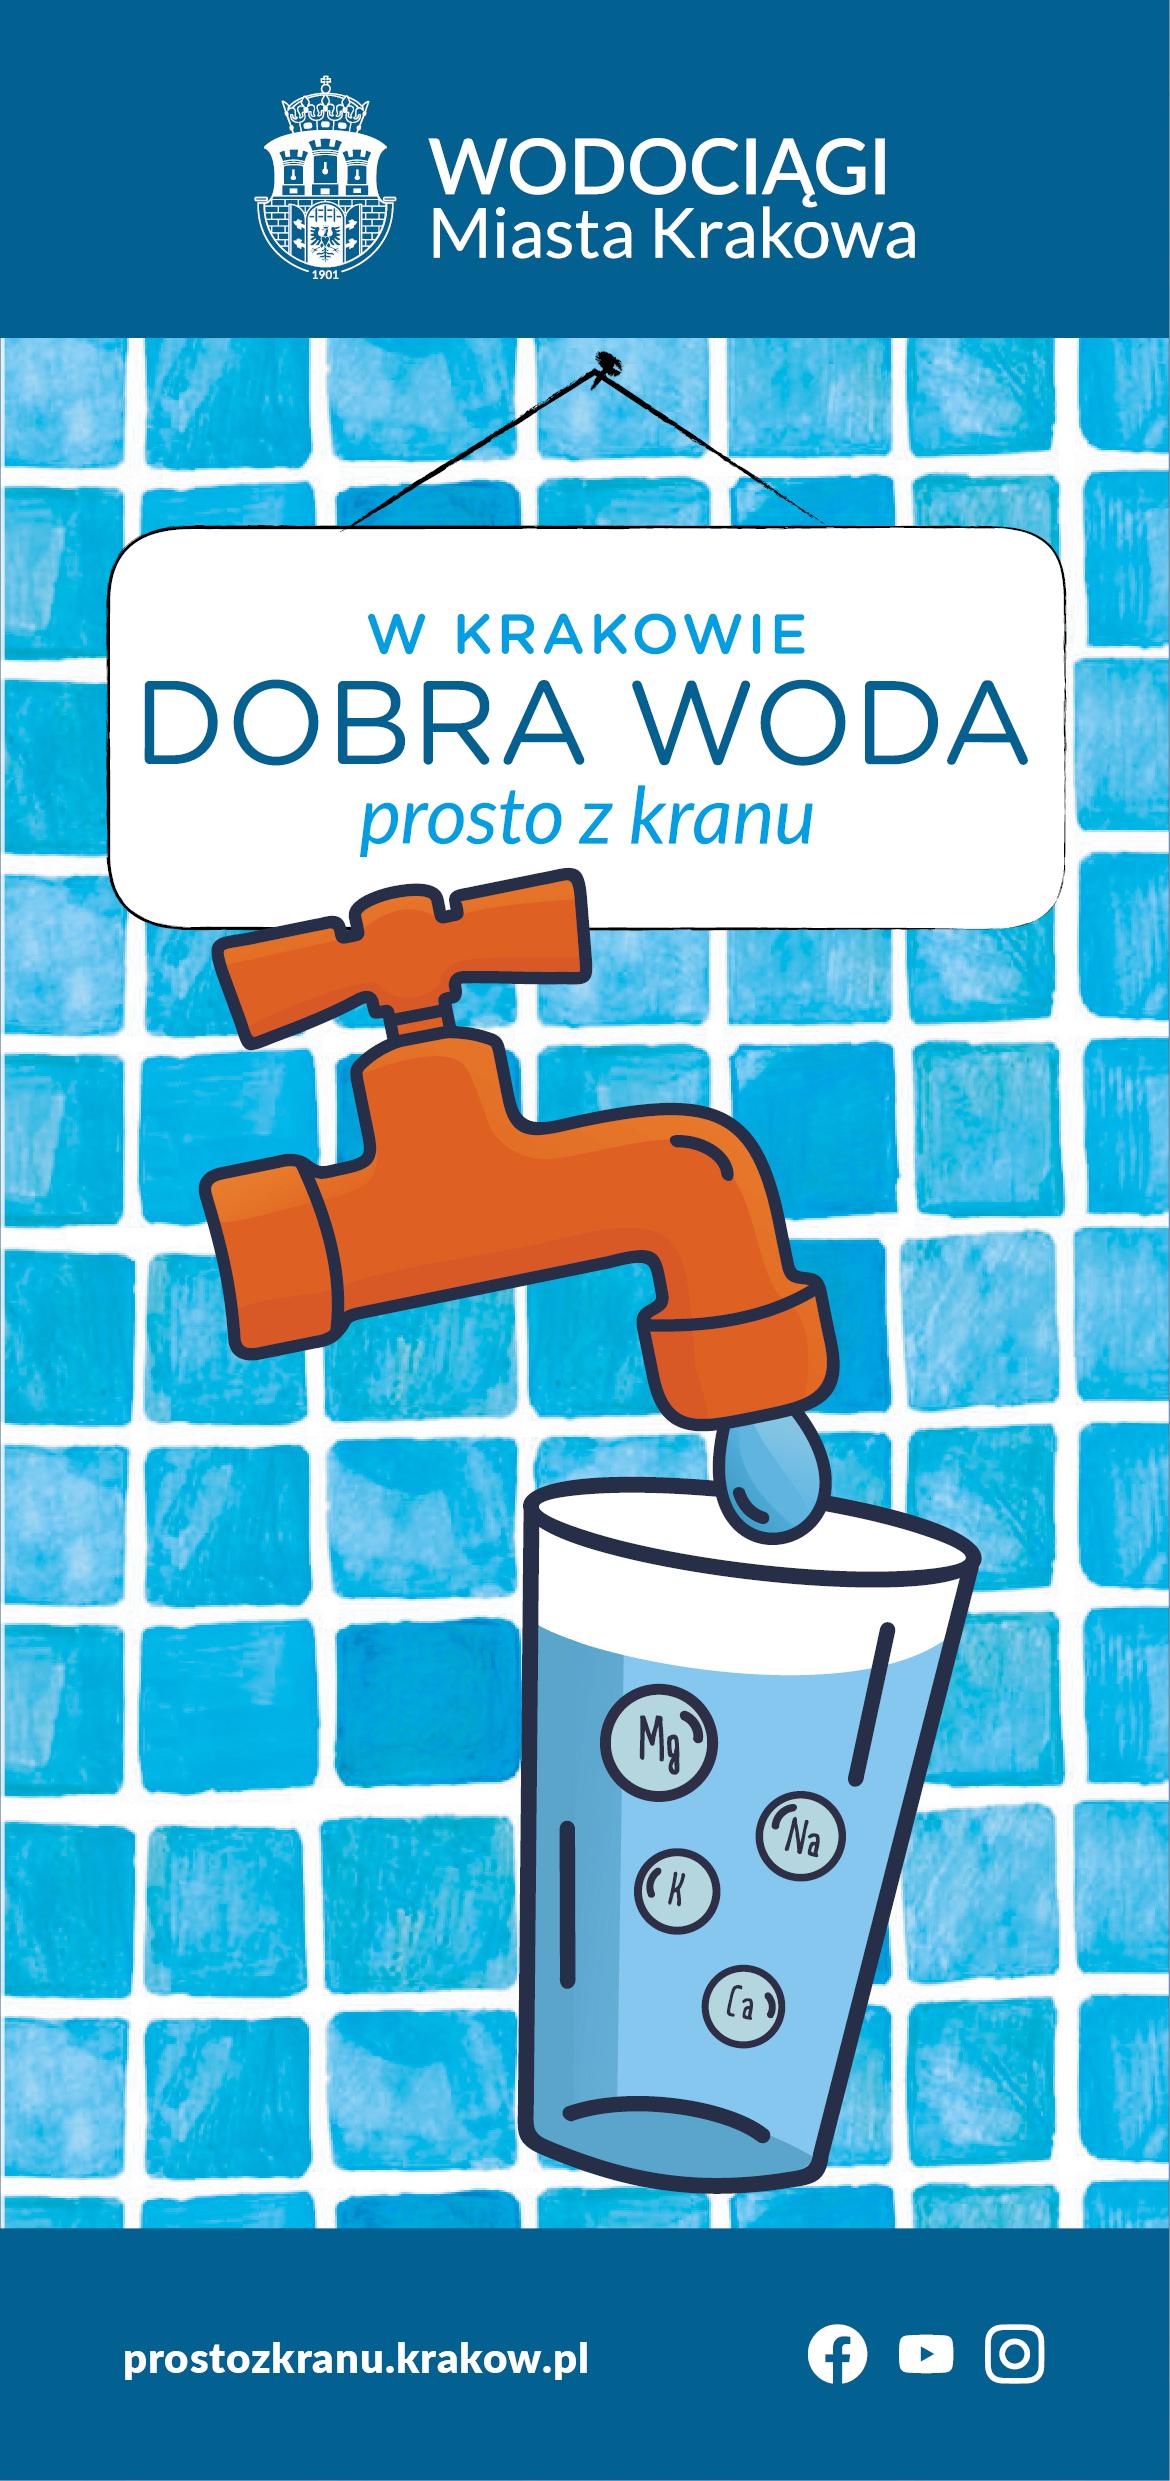 Okładka ulotki W Krakowie Dobra Woda prosto z kranu.